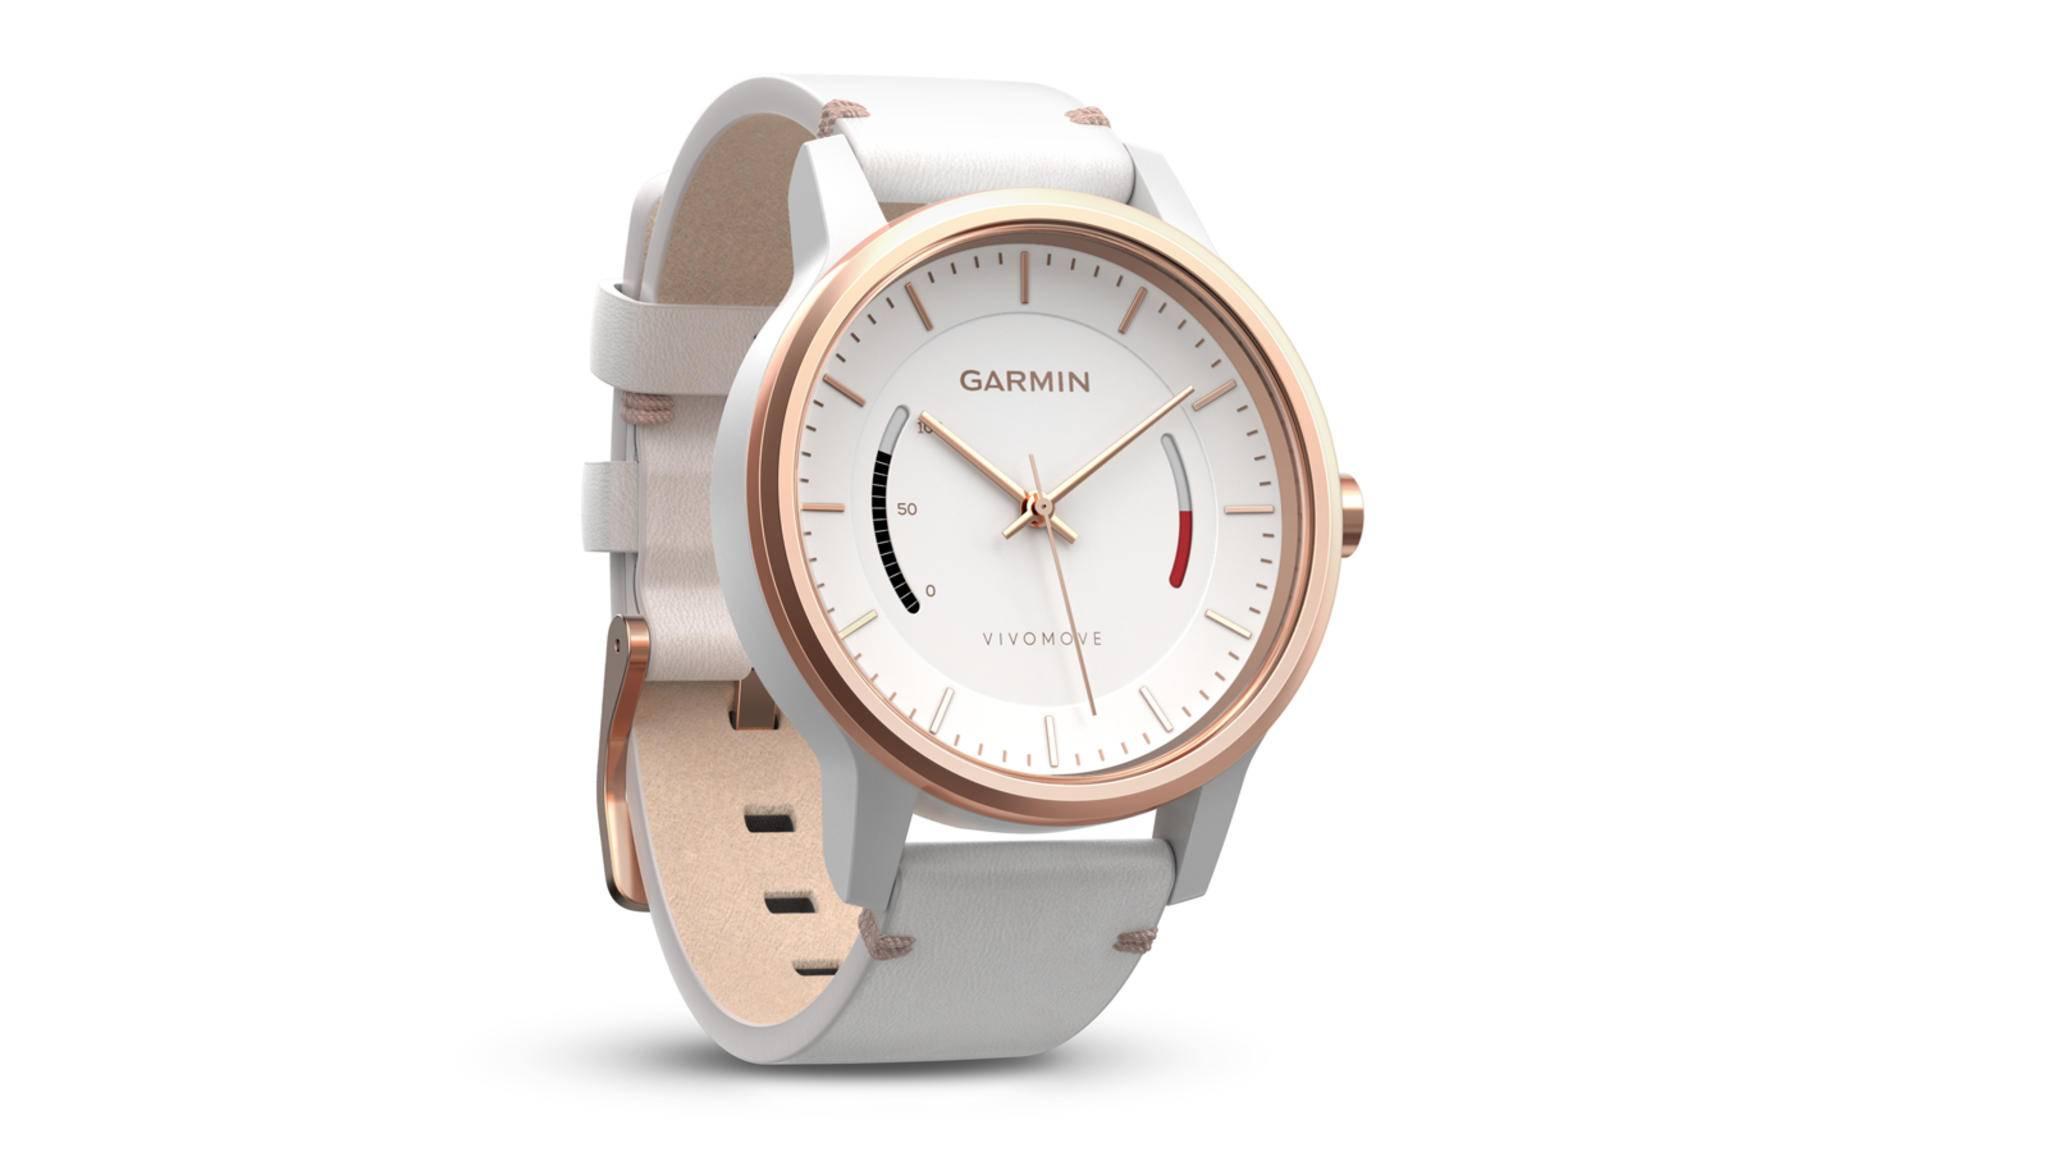 Die Garmin Vivomove HR soll an die Vivomove (Bild) aus dem Jahr 2016 angelehnt sein – hat jedoch offenbar den entscheidenden Schritt in Richtung Smartwatch getan.